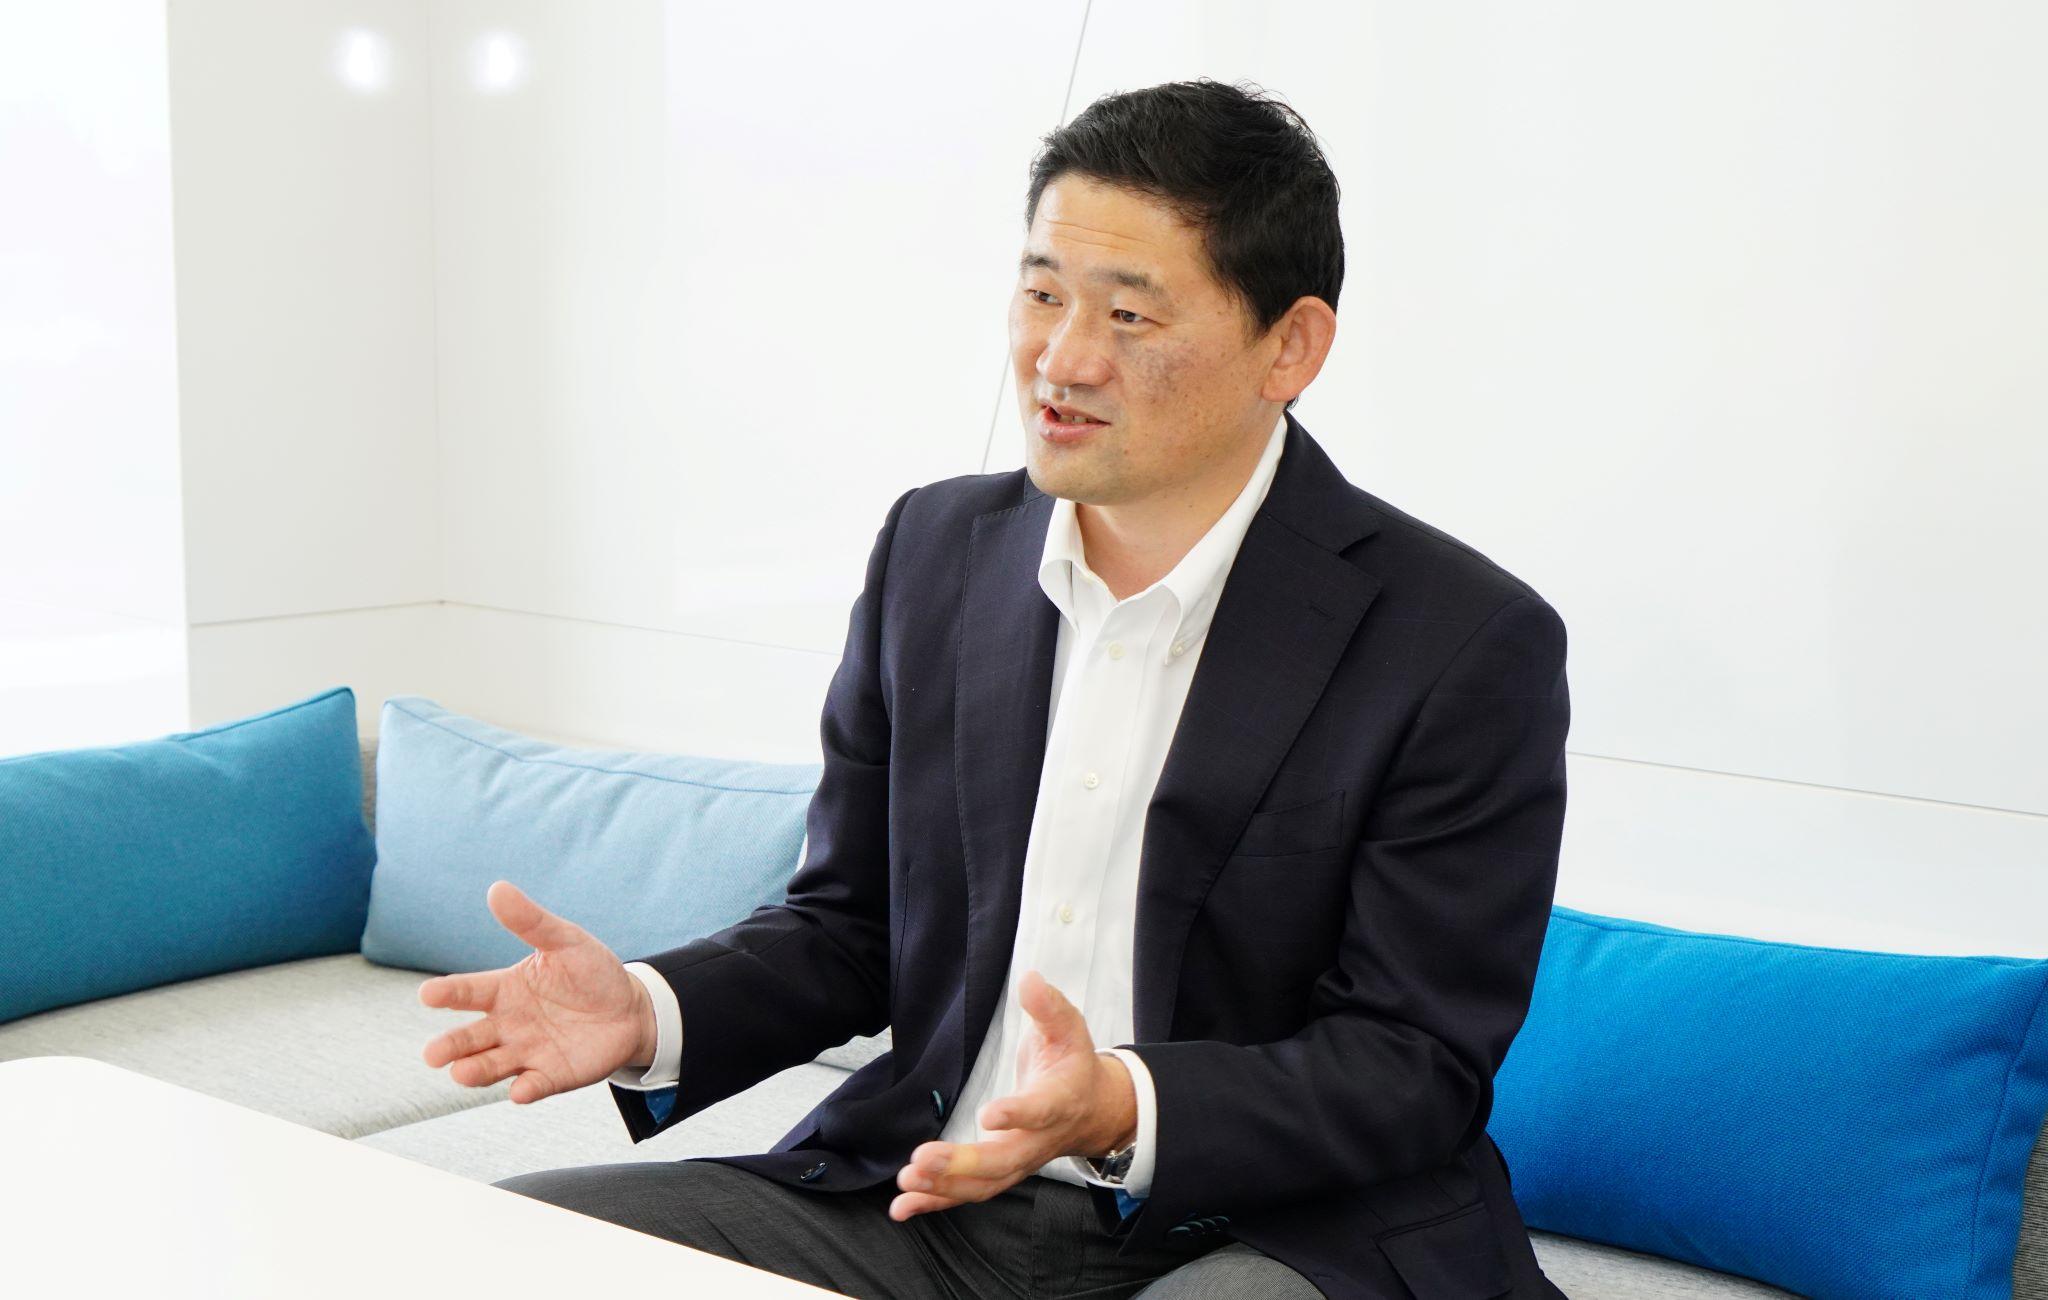 代表取締役社長兼CEO 五十嵐 幹のプロフィール画像